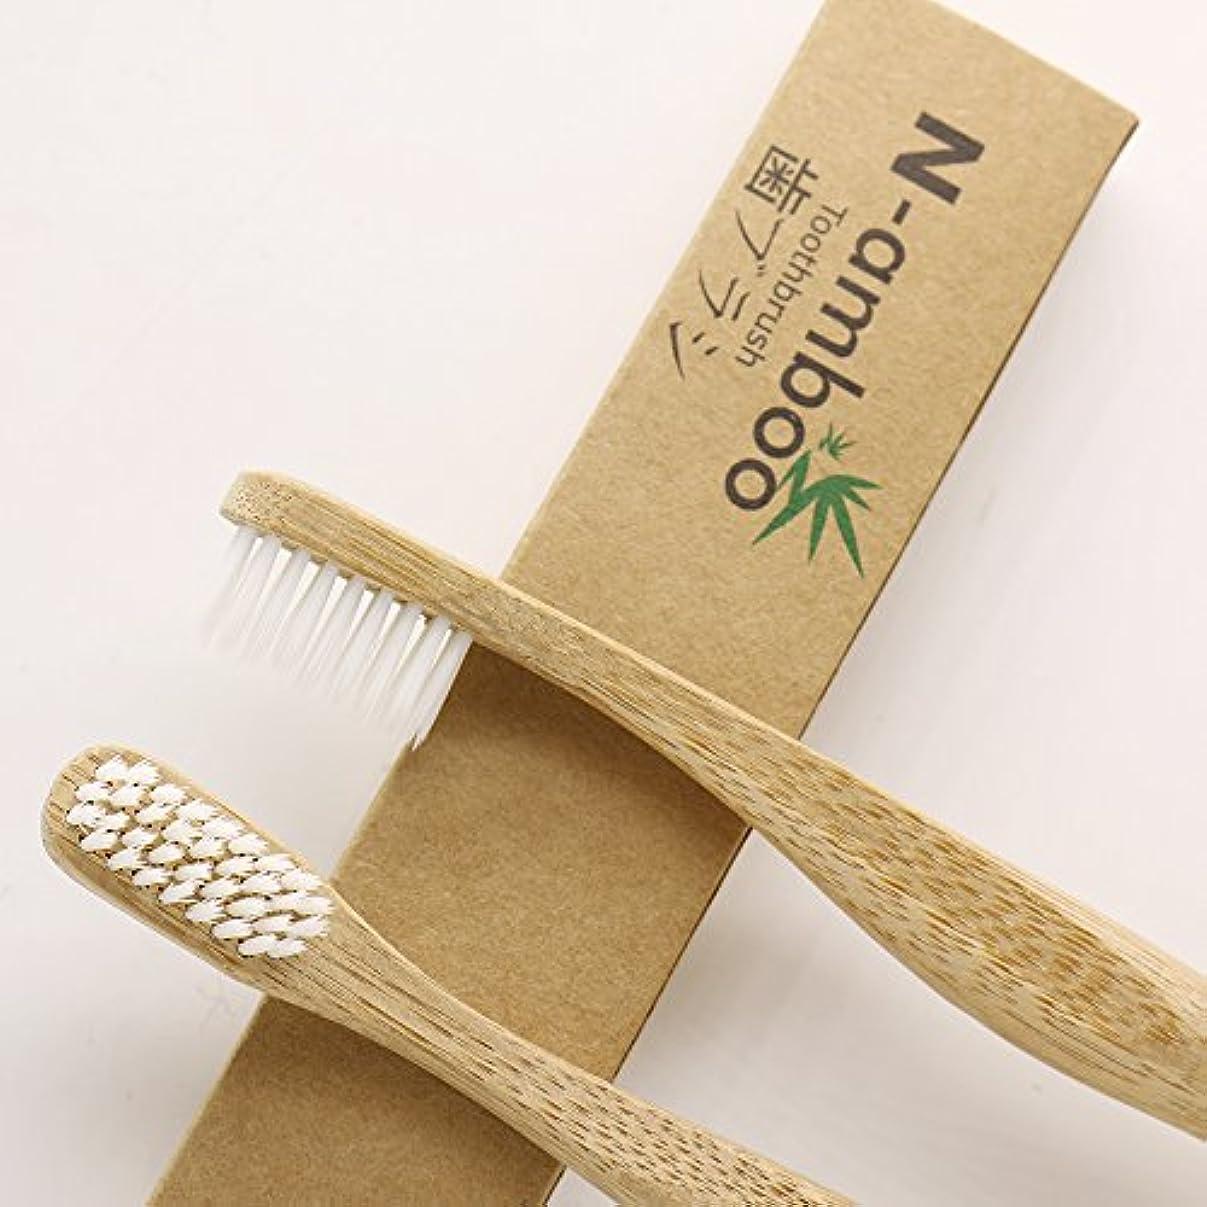 環境保護主義者ポンプシンクN-amboo 竹製耐久度高い 歯ブラシ 2本入り セット ハンドル握りやすい 白い